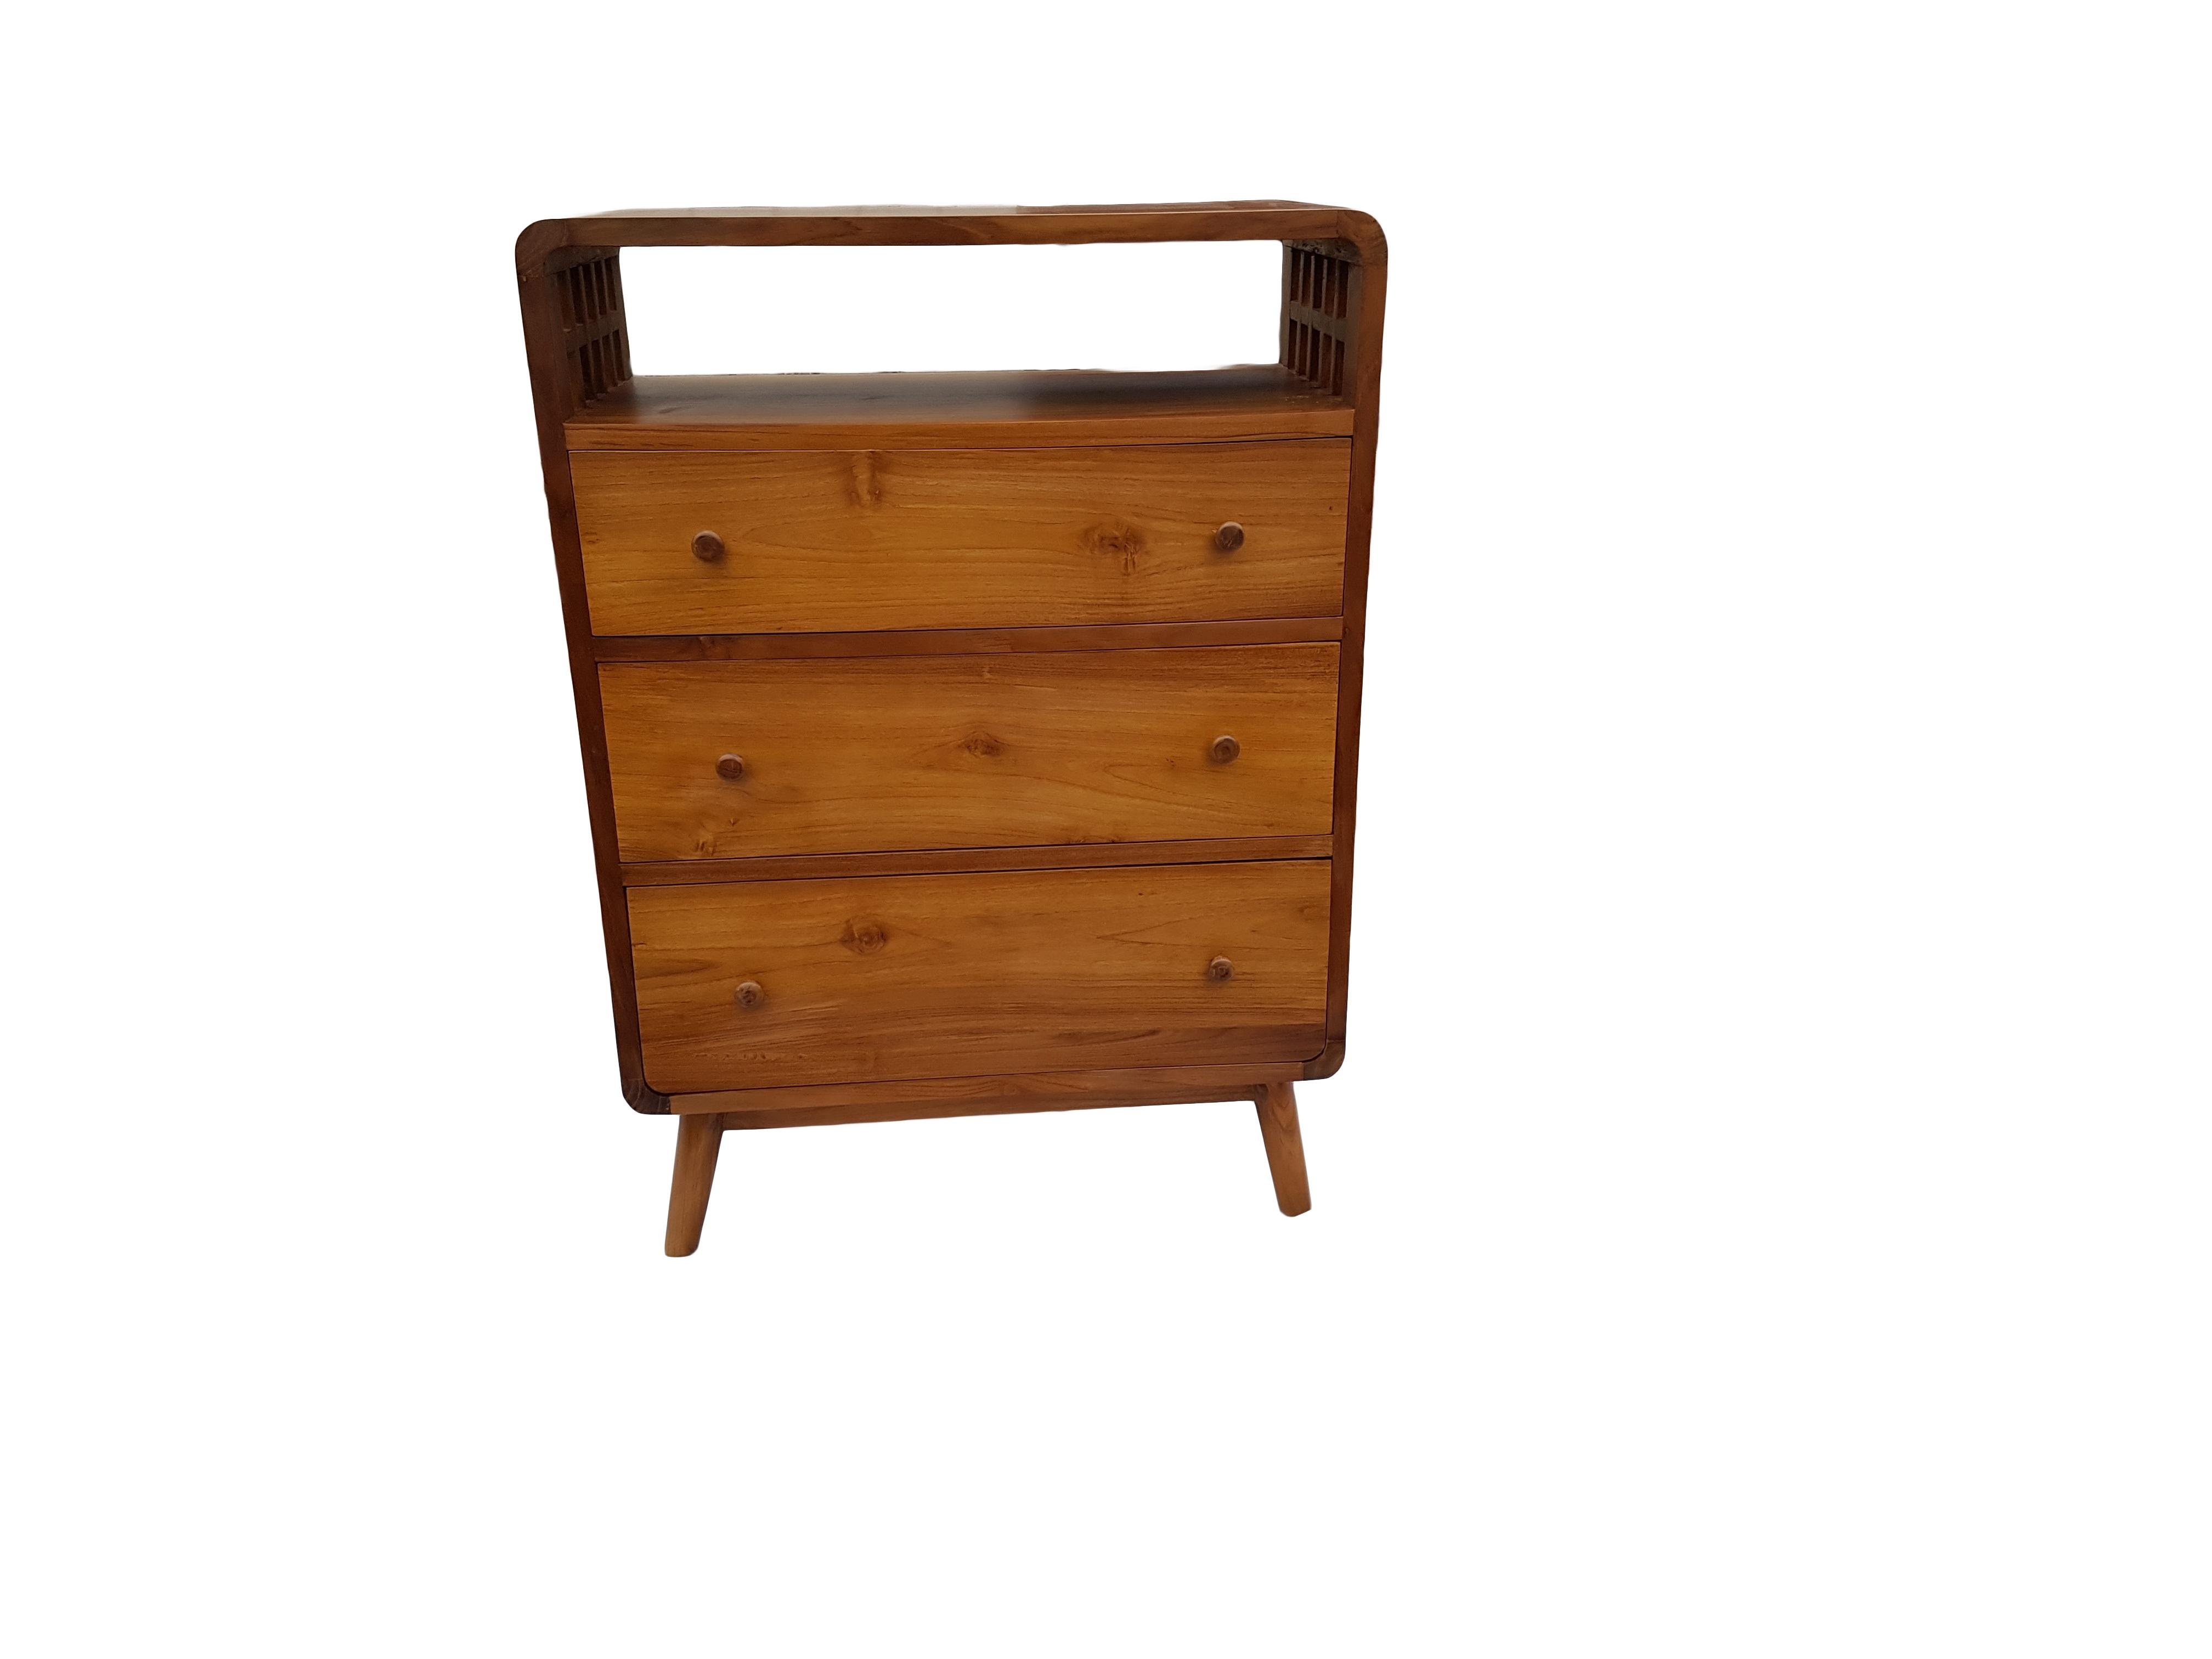 Fotos gratis : madera, Retro, mesa para cambiar pañales, mueble ...